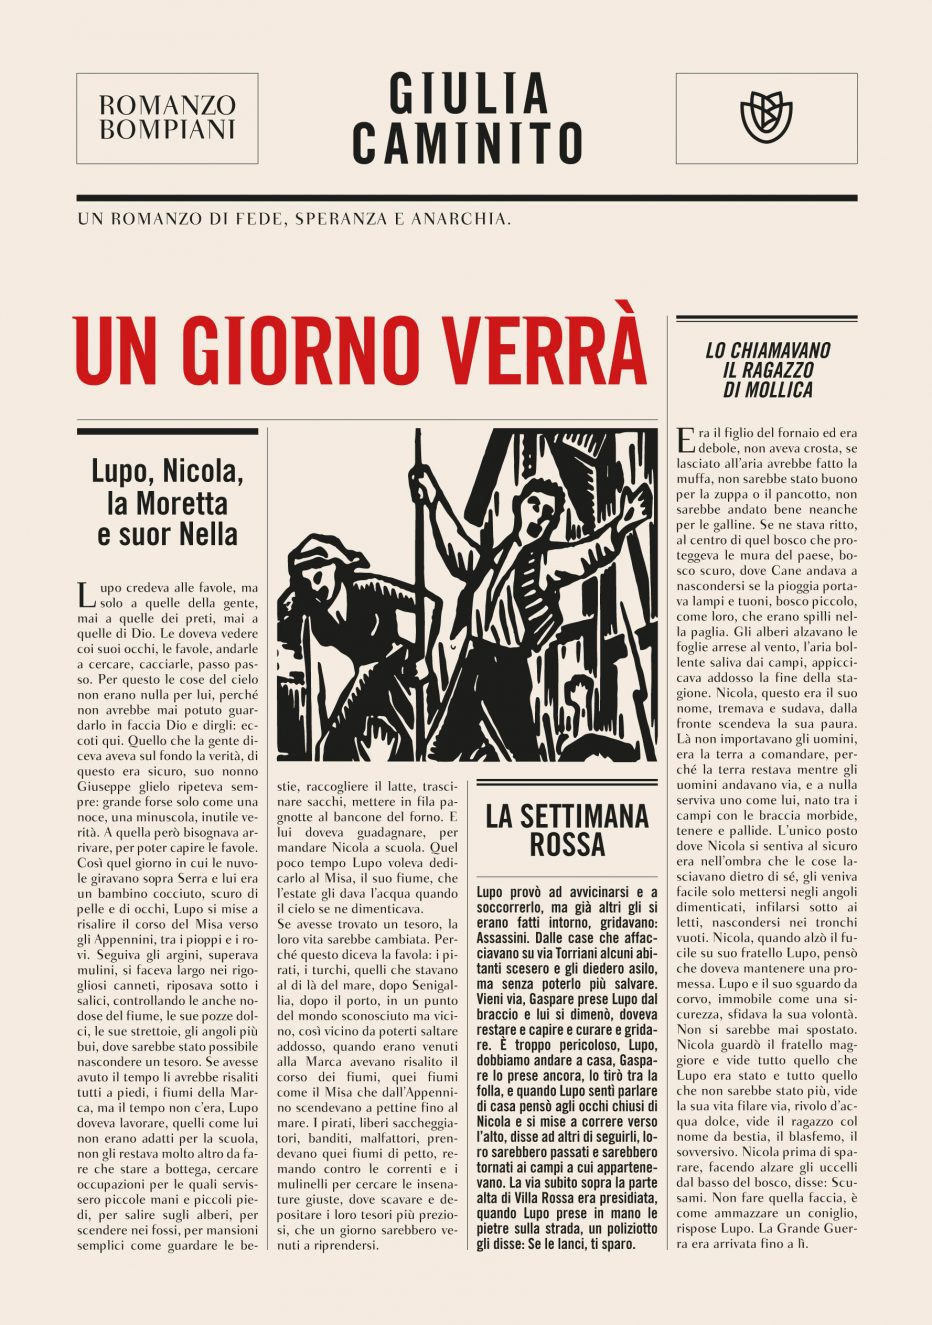 Un giorno verrà: intervista all'autrice Giulia Caminito